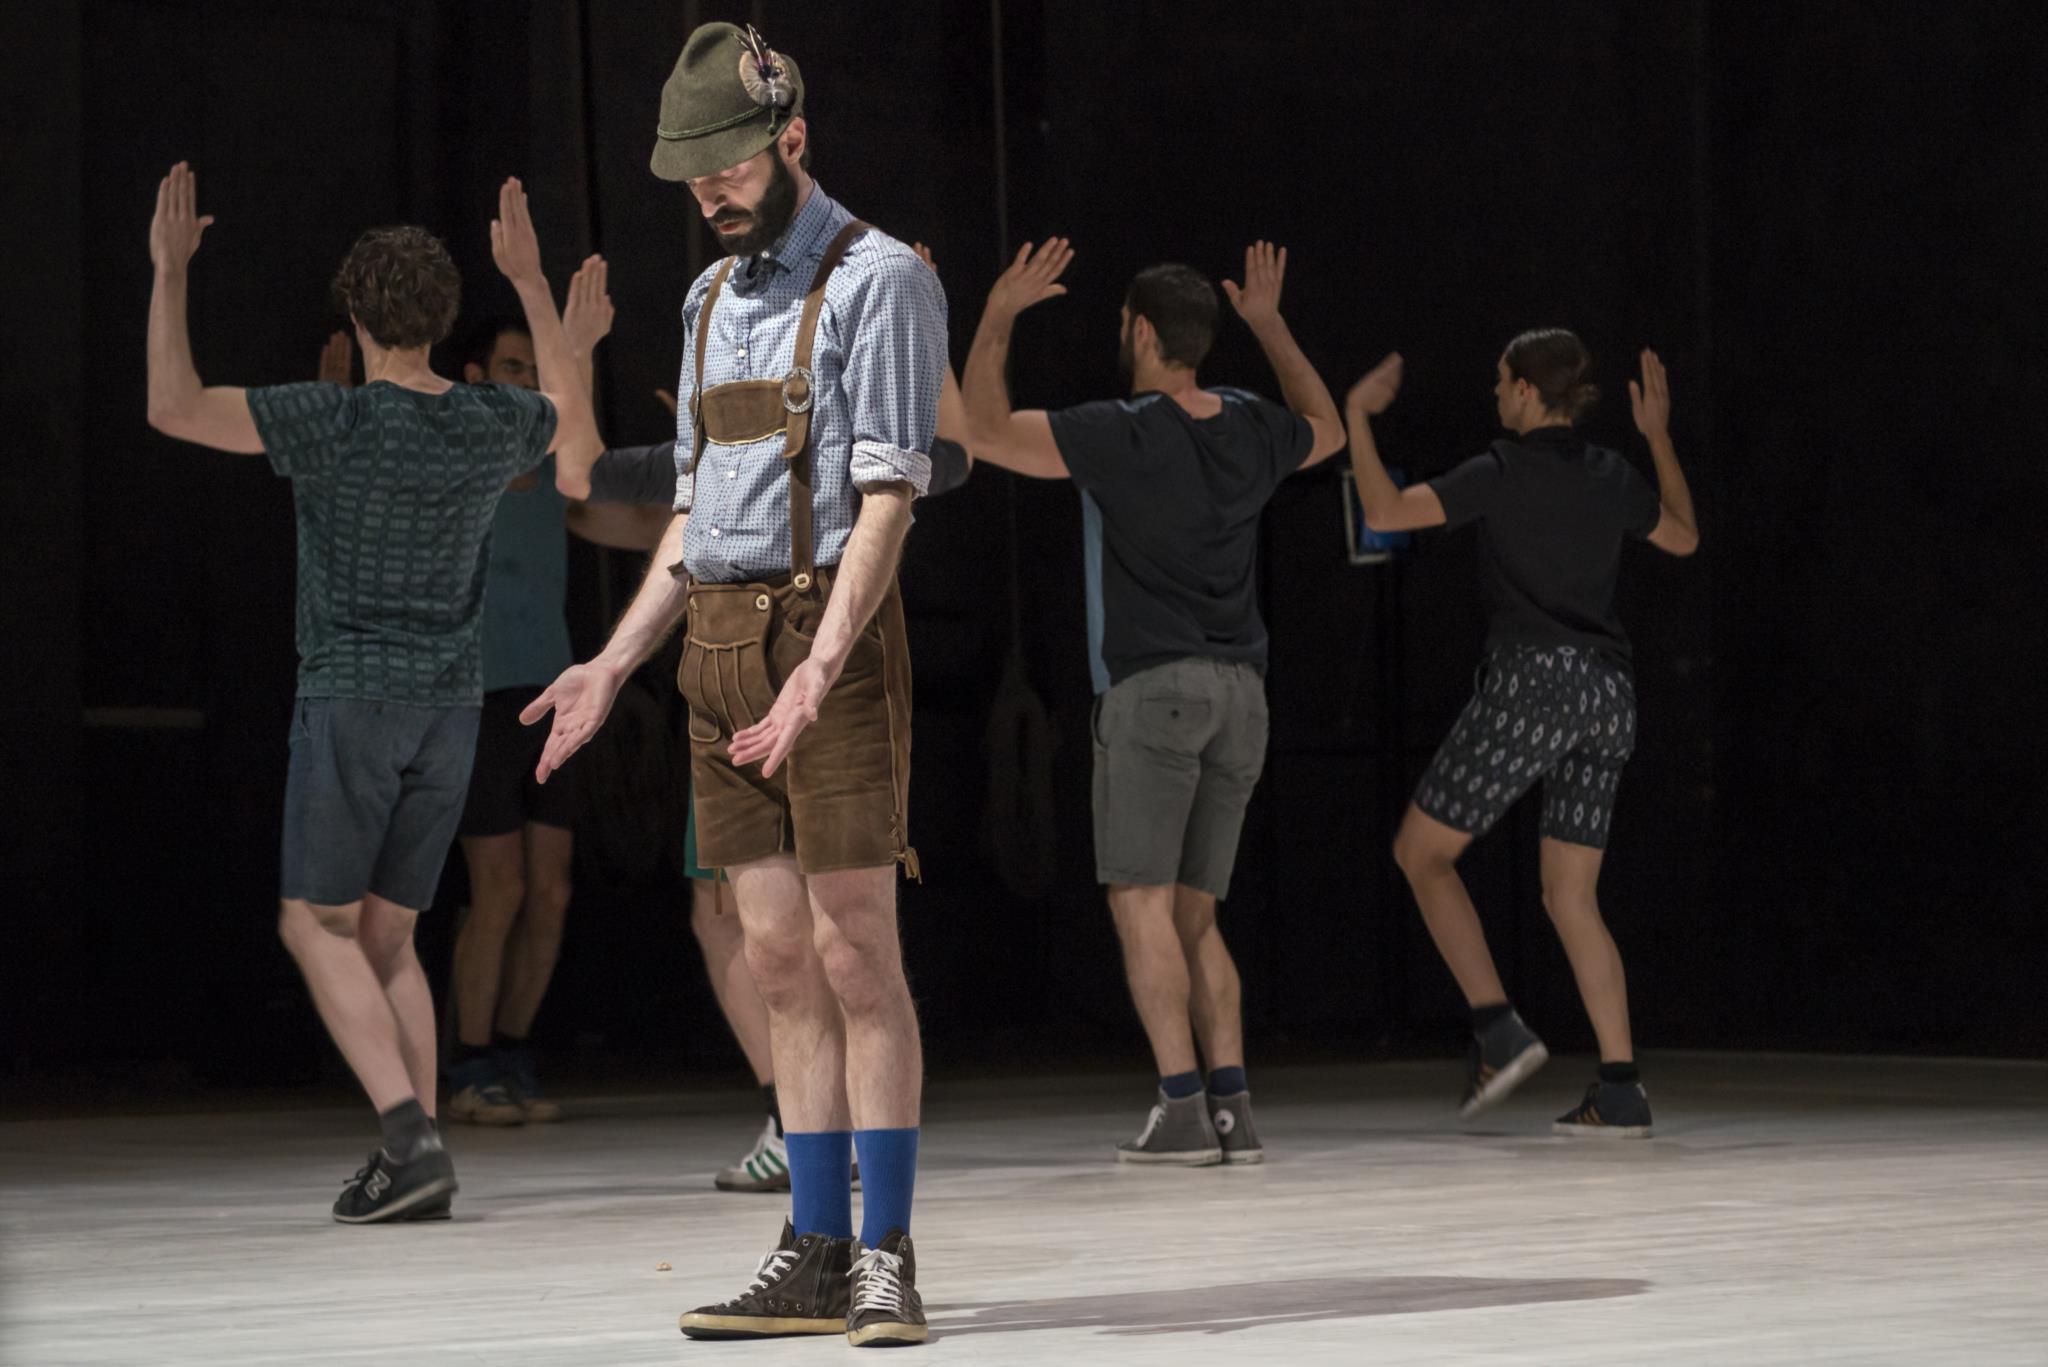 PÚBLICO - Entre a dança tirolesa e uma rajada de perguntas para quase adultos